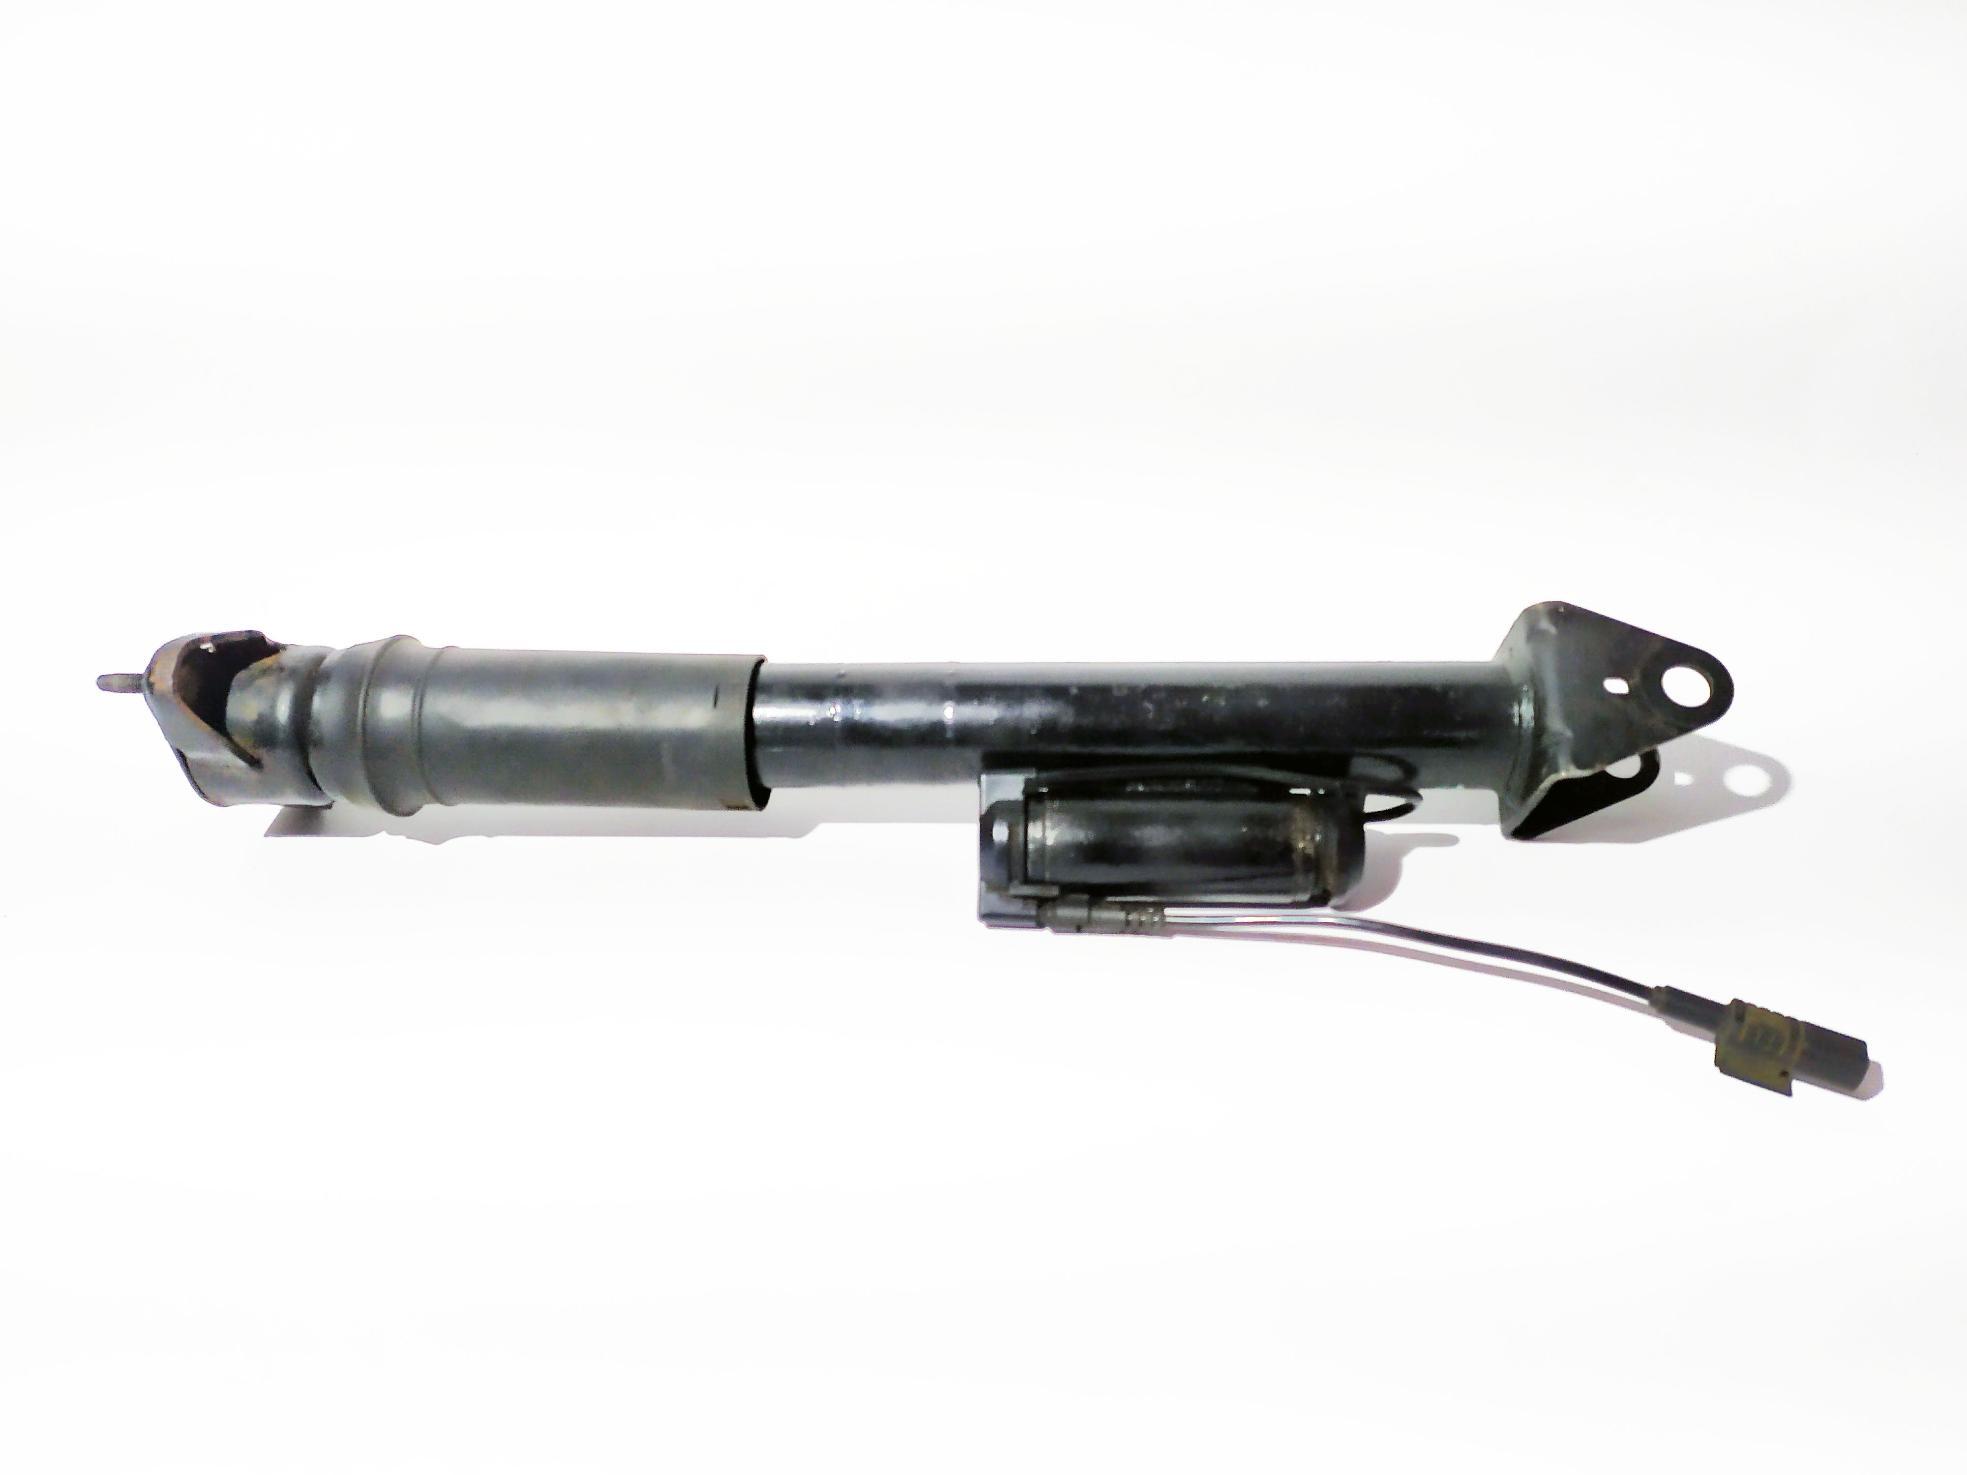 картинка Восстановленный оригинальный задний амортизатор с датчиком ADS для Mercedes W166 ML / GL (A1663200130) от магазина пневмоподвески ПневмоМаркет